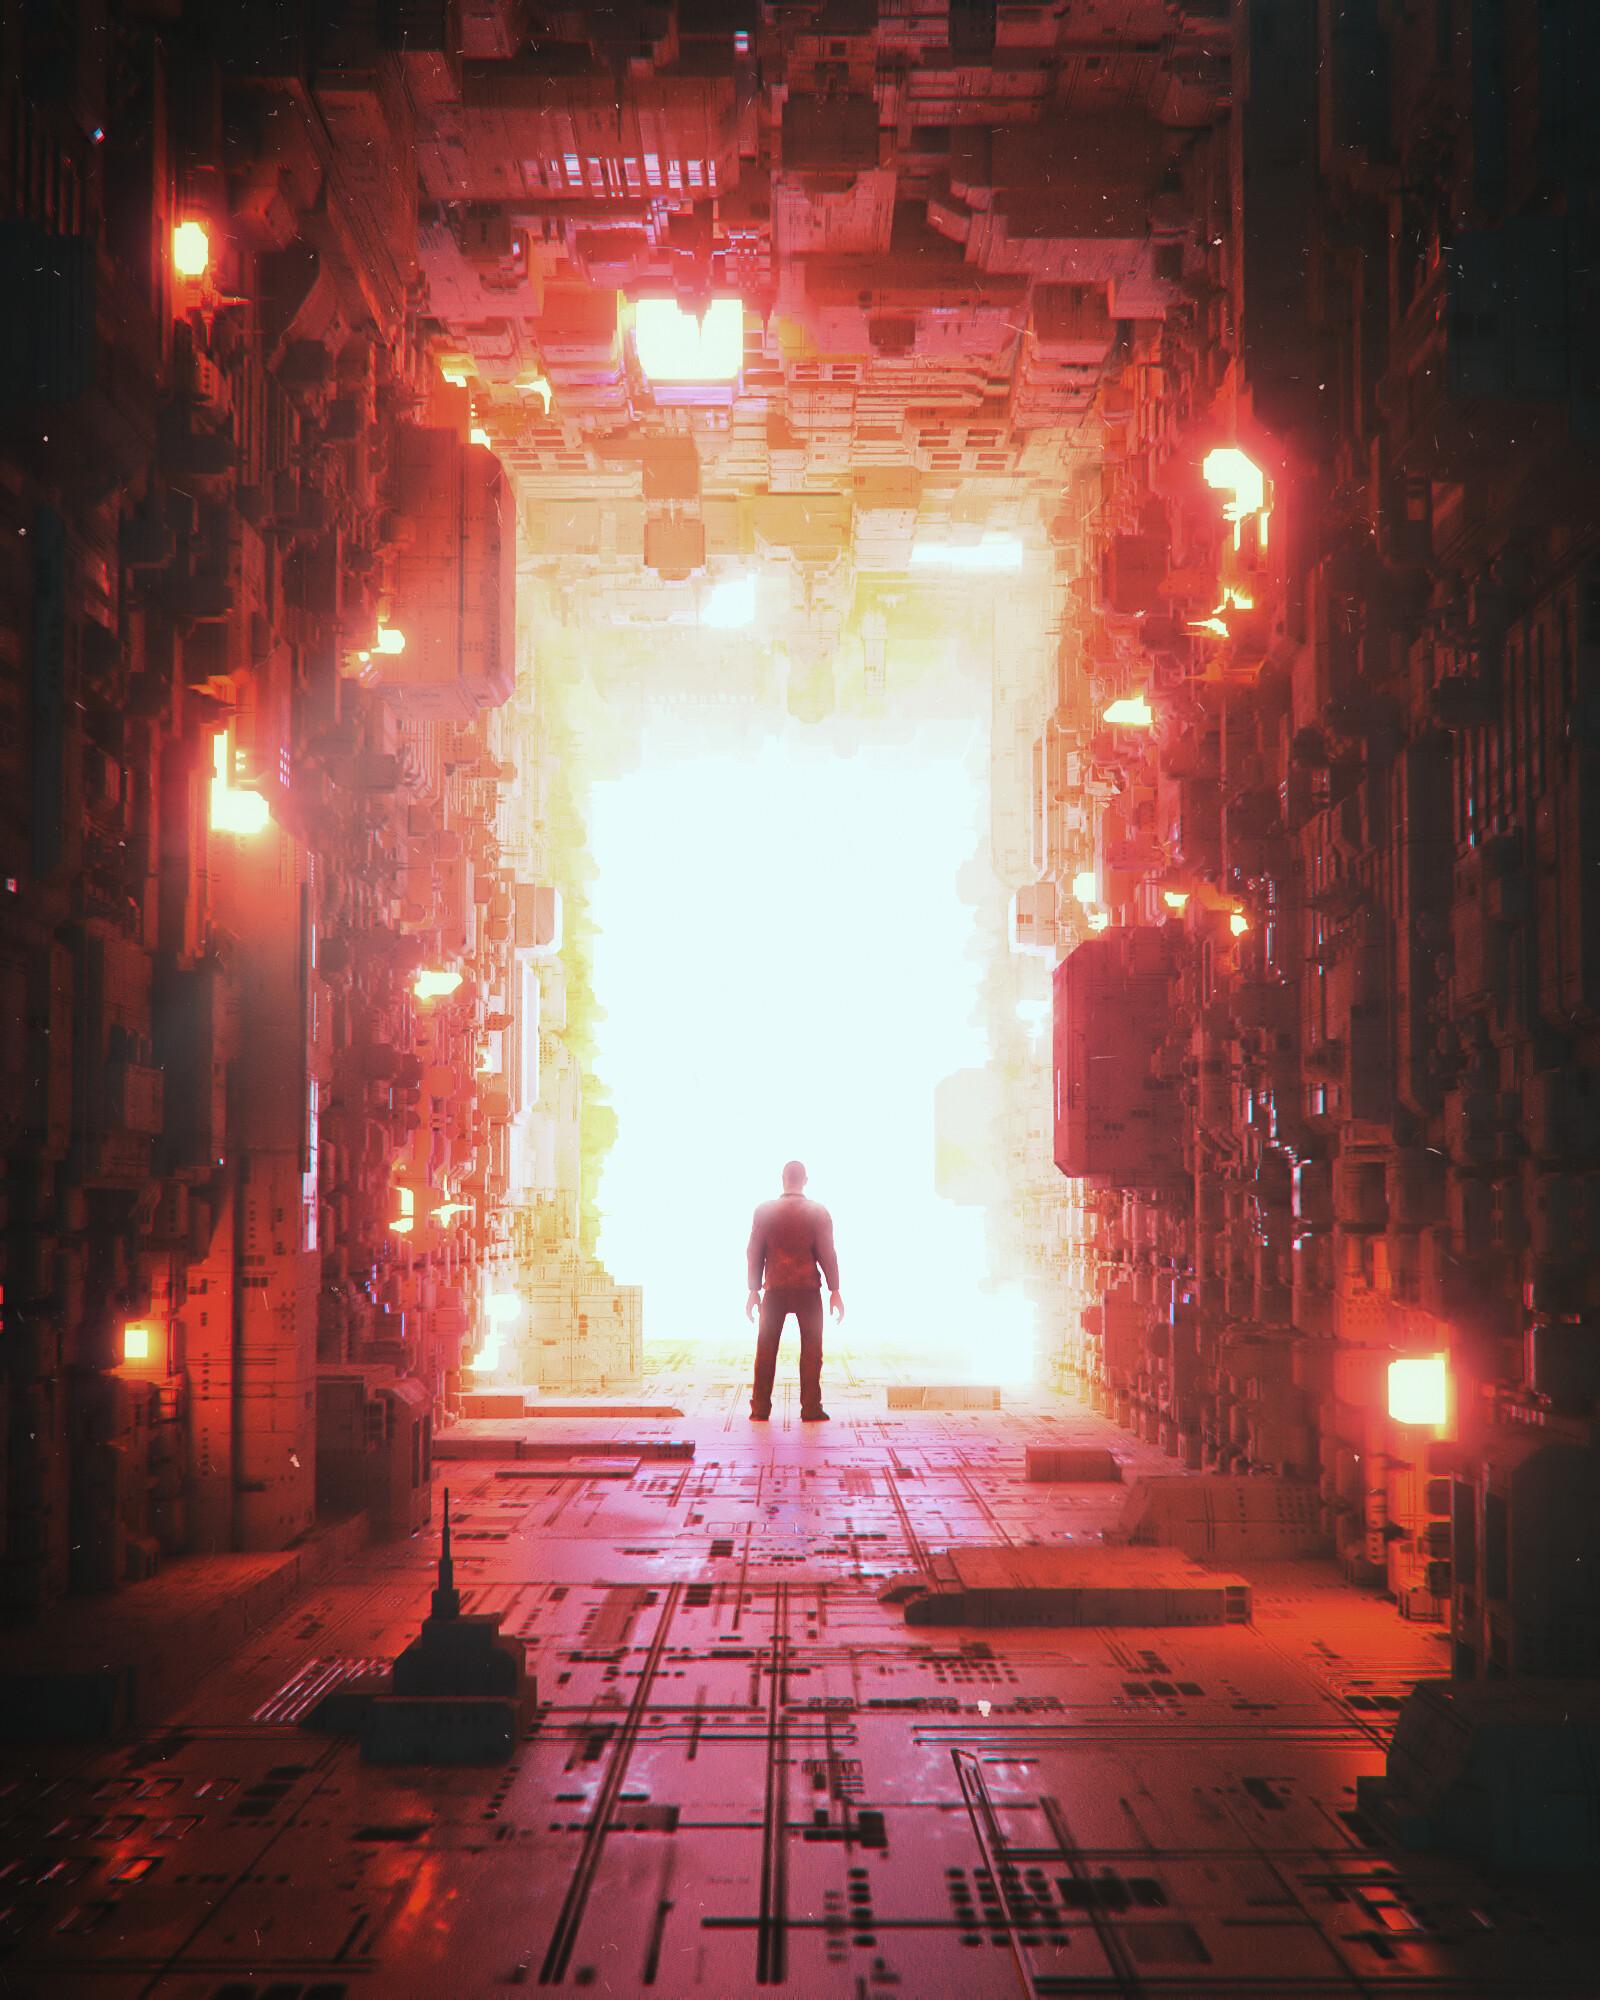 免费下载明亮, 明亮的, 隧道, 轮廓, 剪影, 艺术, 闪耀, 光手机壁纸。